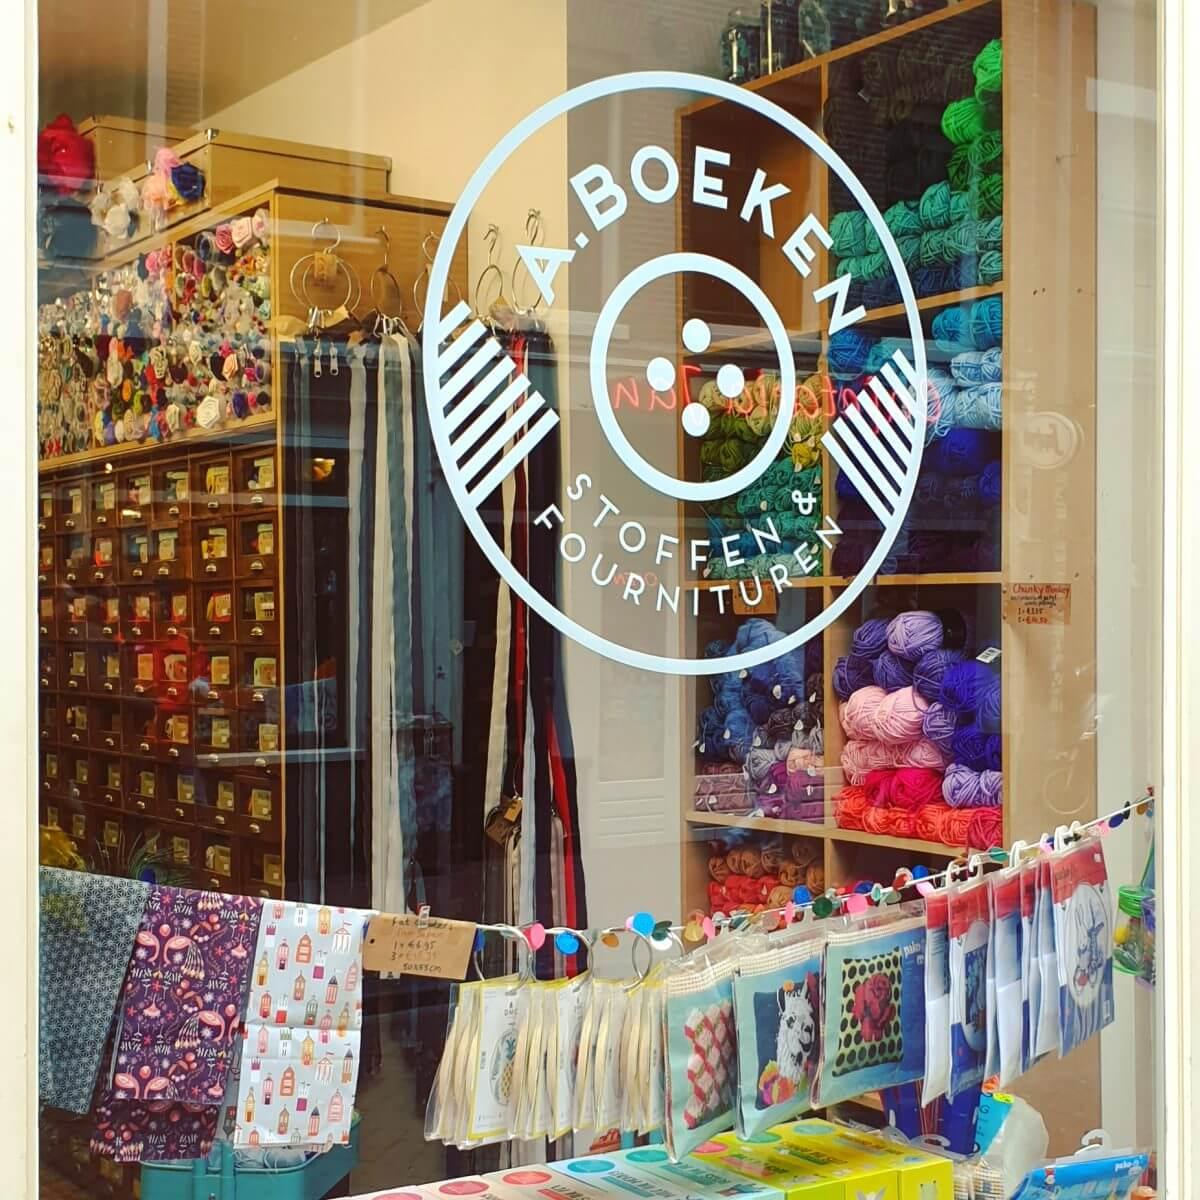 A Boeken winkel voor stoffen en fournituren